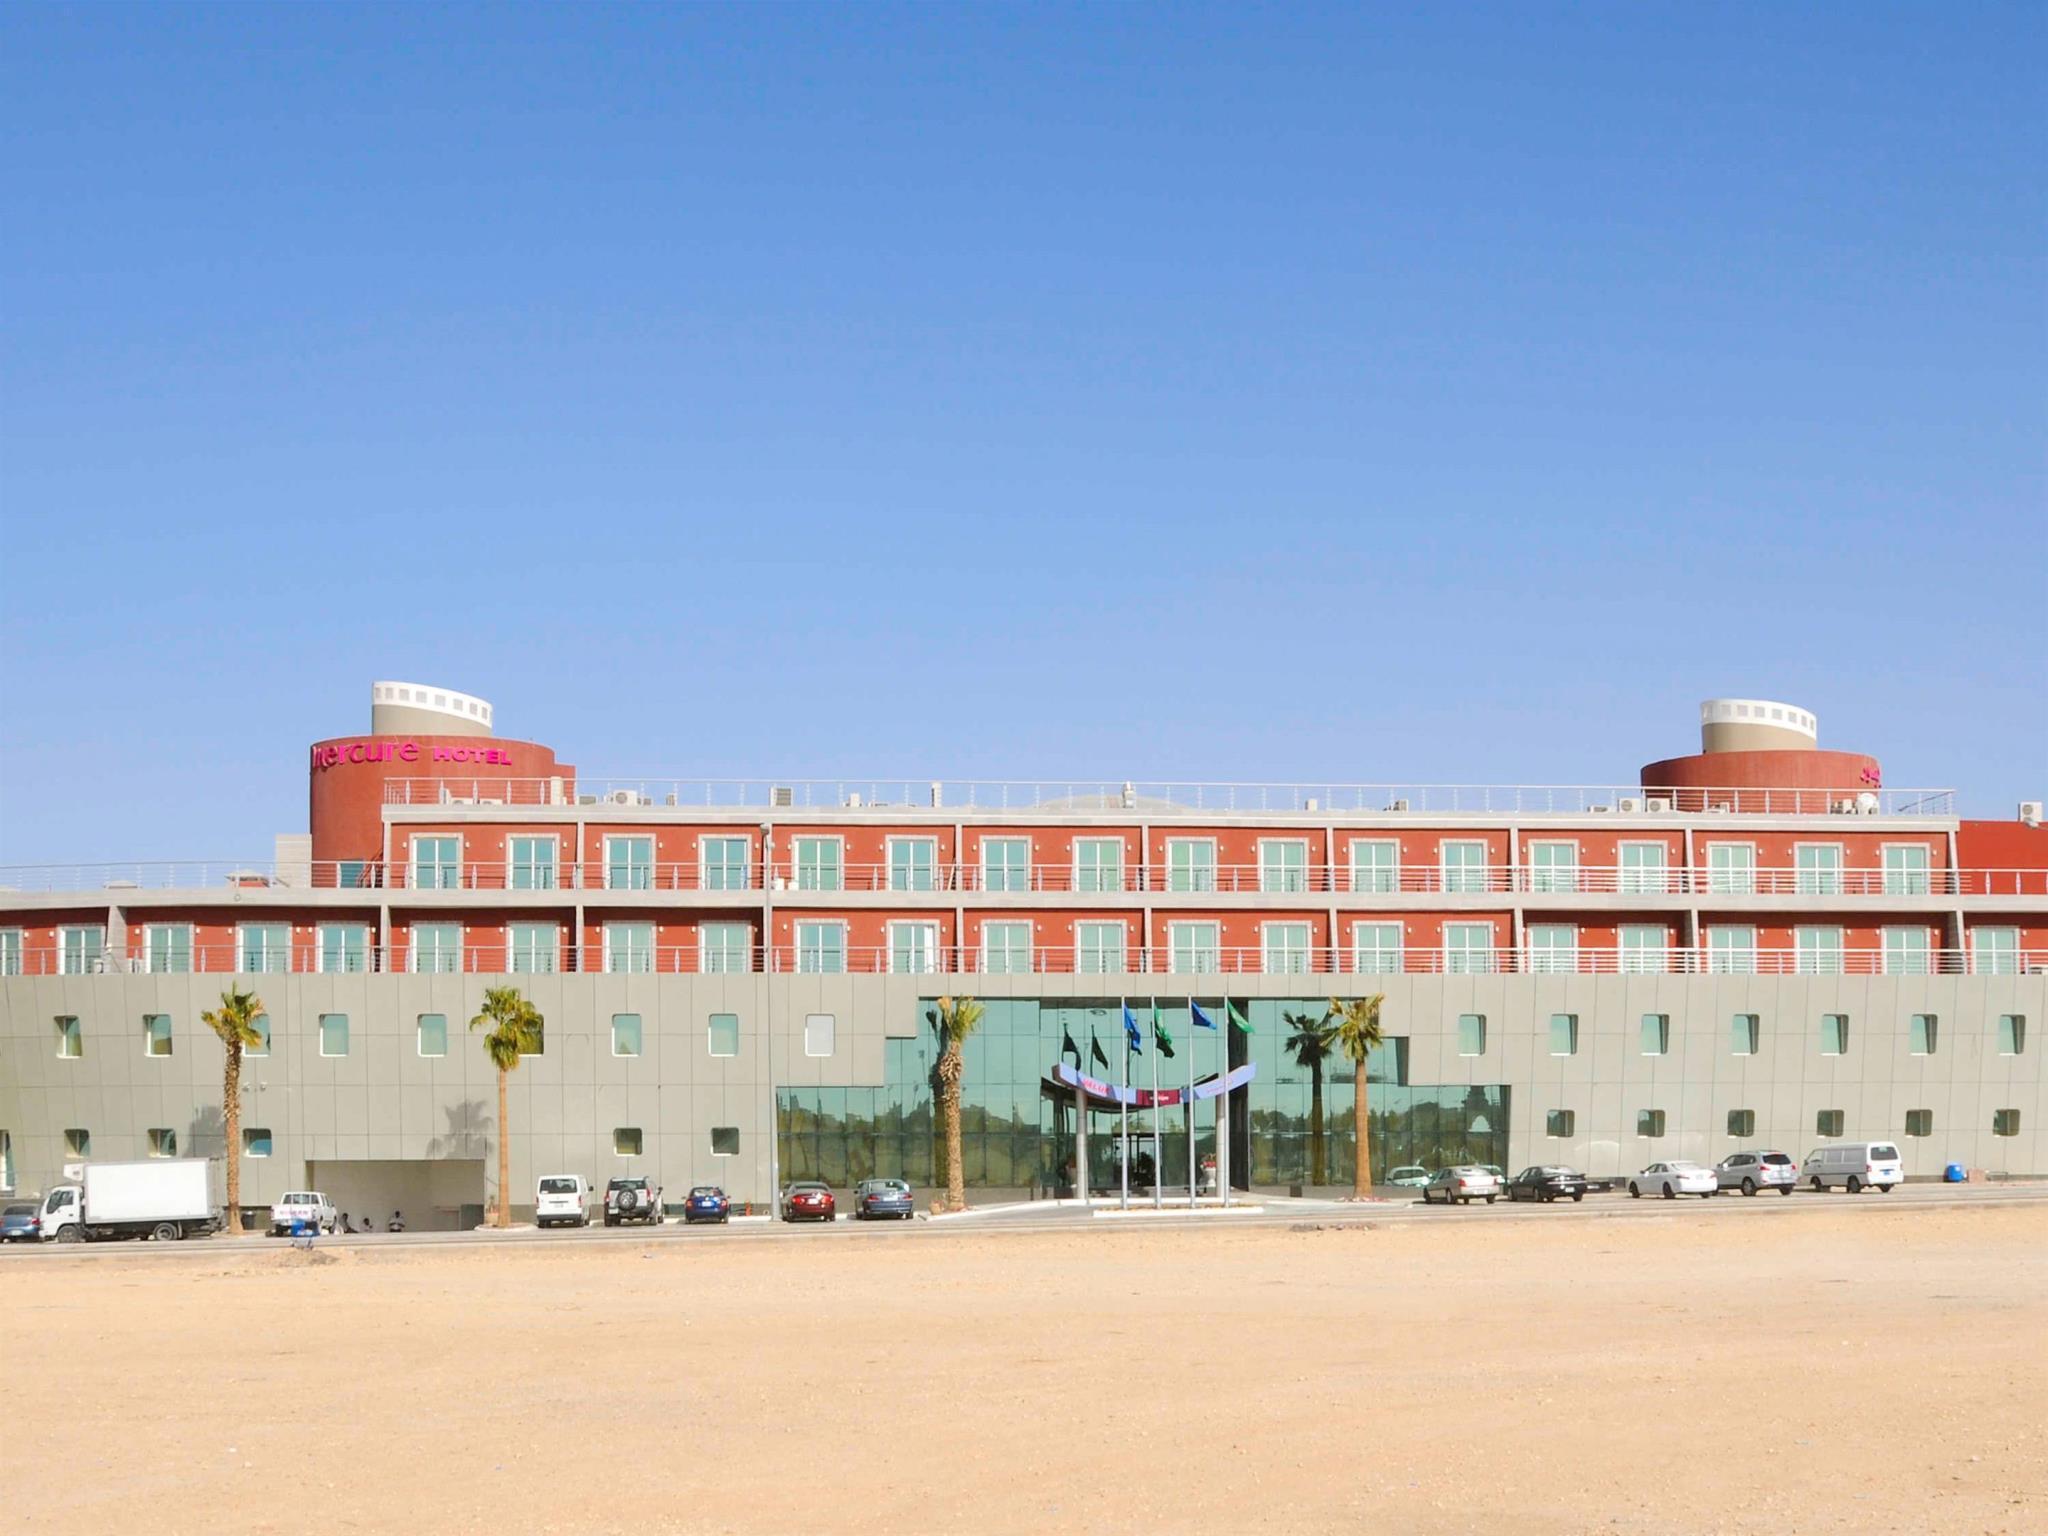 Mercure Value Riyadh Hotel